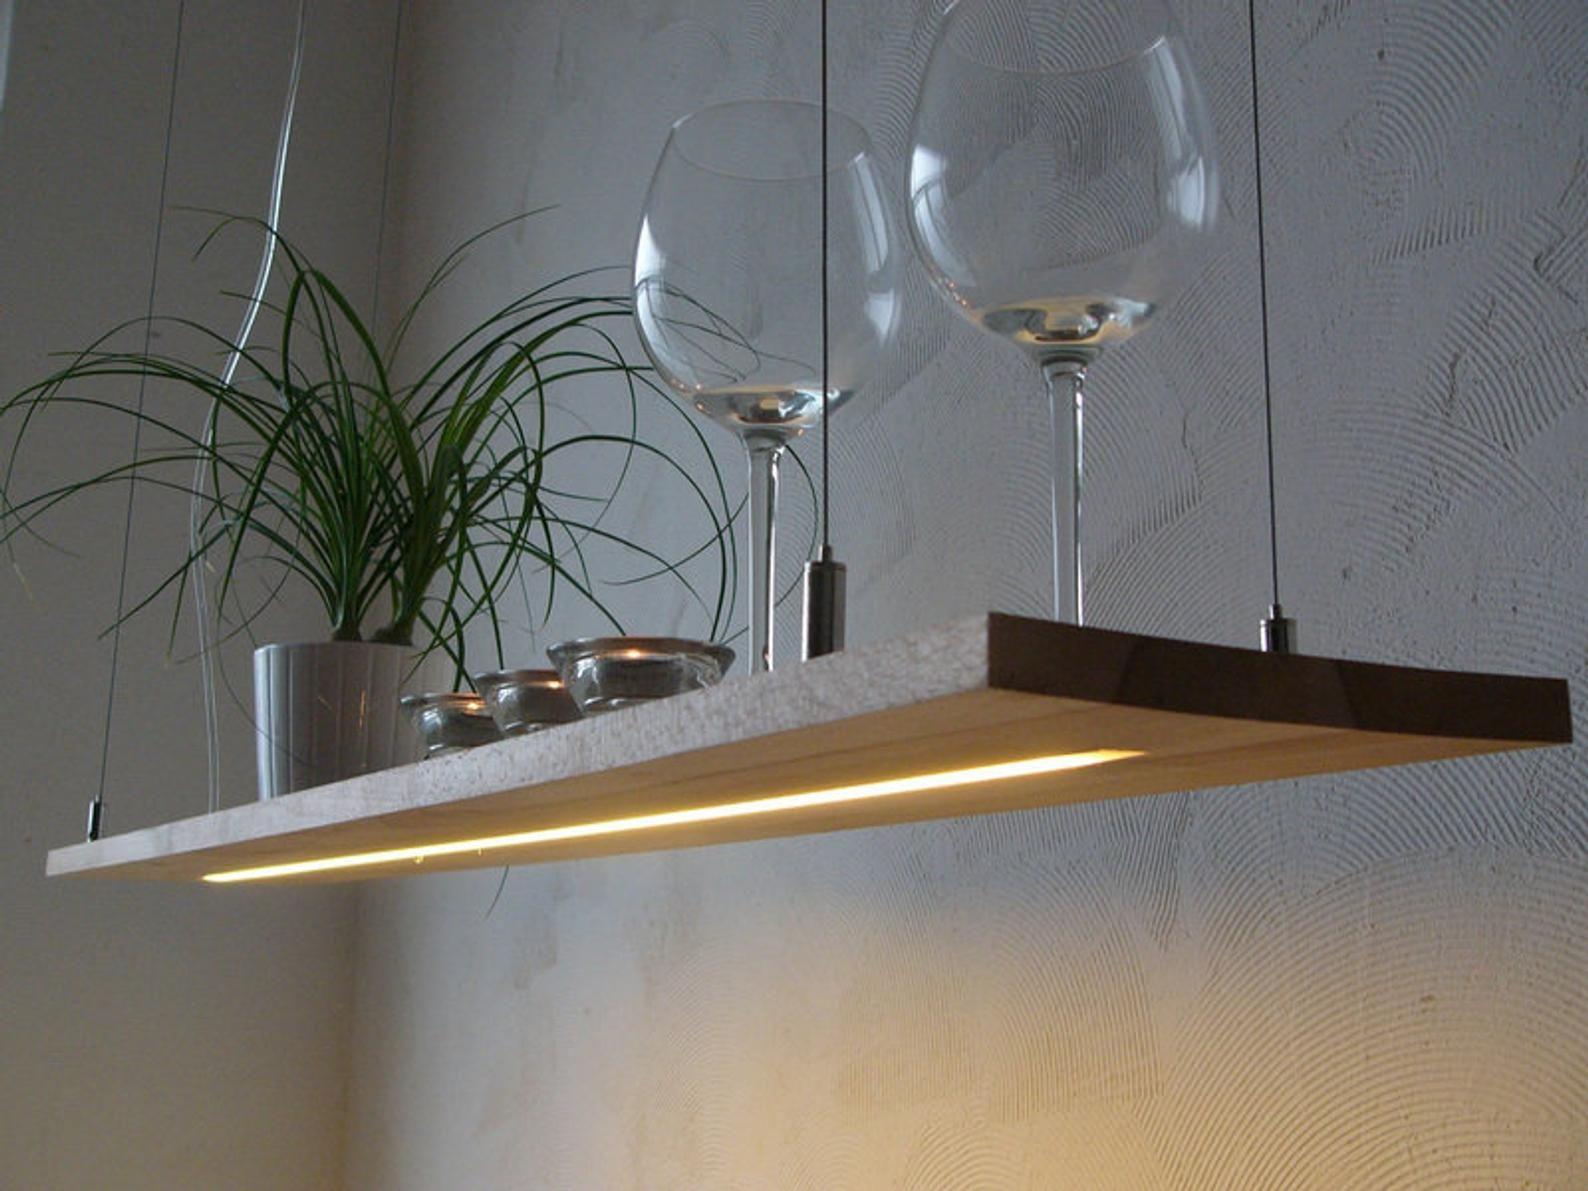 Hangende Lamp Beuken 80 Cm Plank Led Lamp Eettafel Lamp Hout Lamp Woonkamer Lamp Shelf Lamp Hanging Lamp Lamp